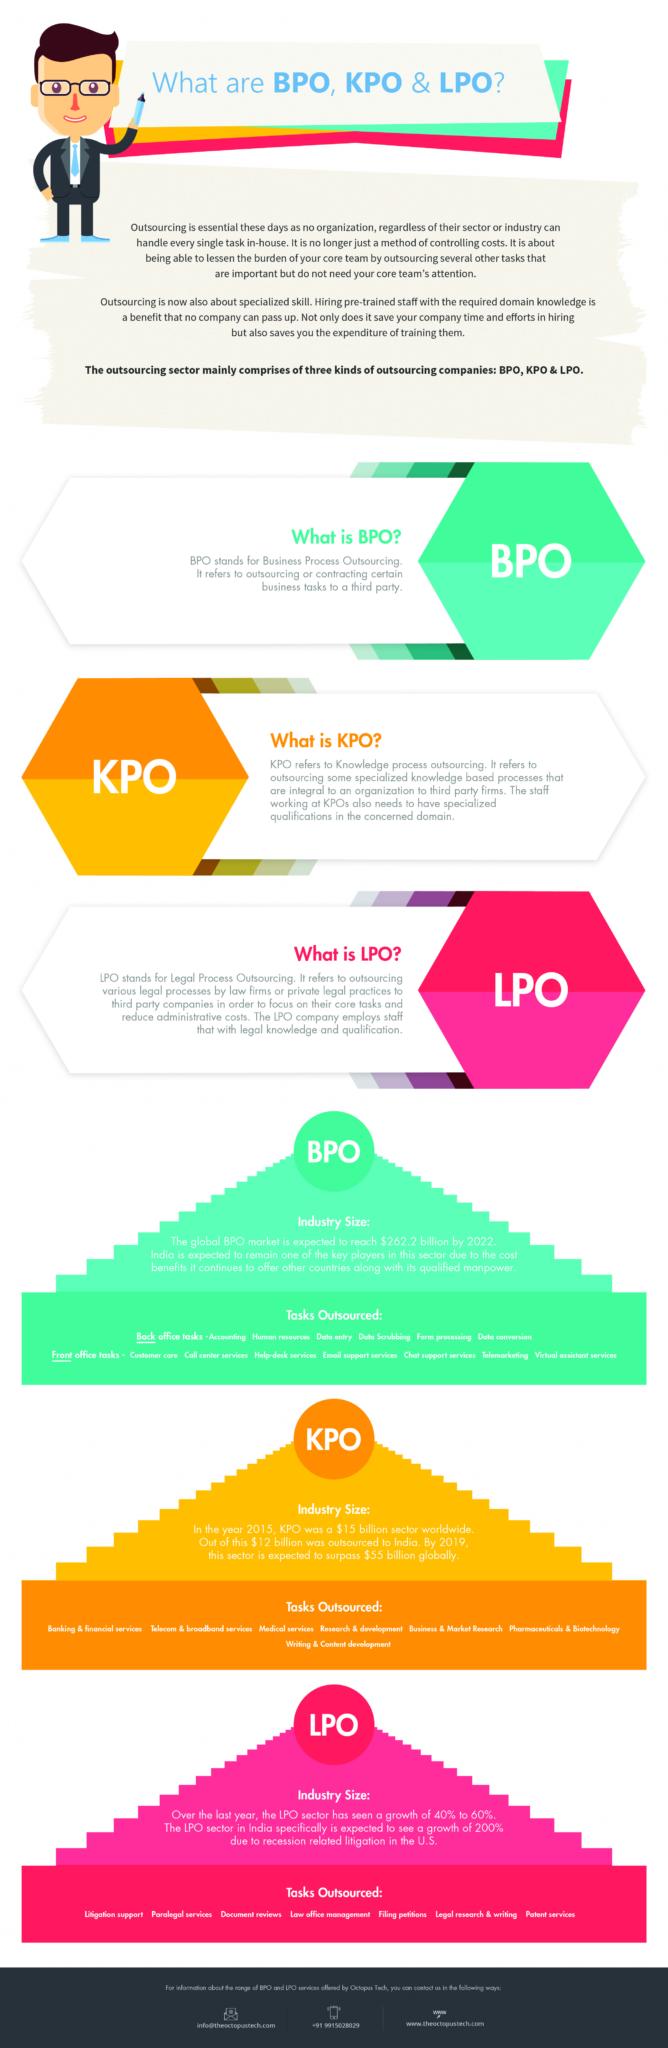 BPO, LPO and KPO Infographic